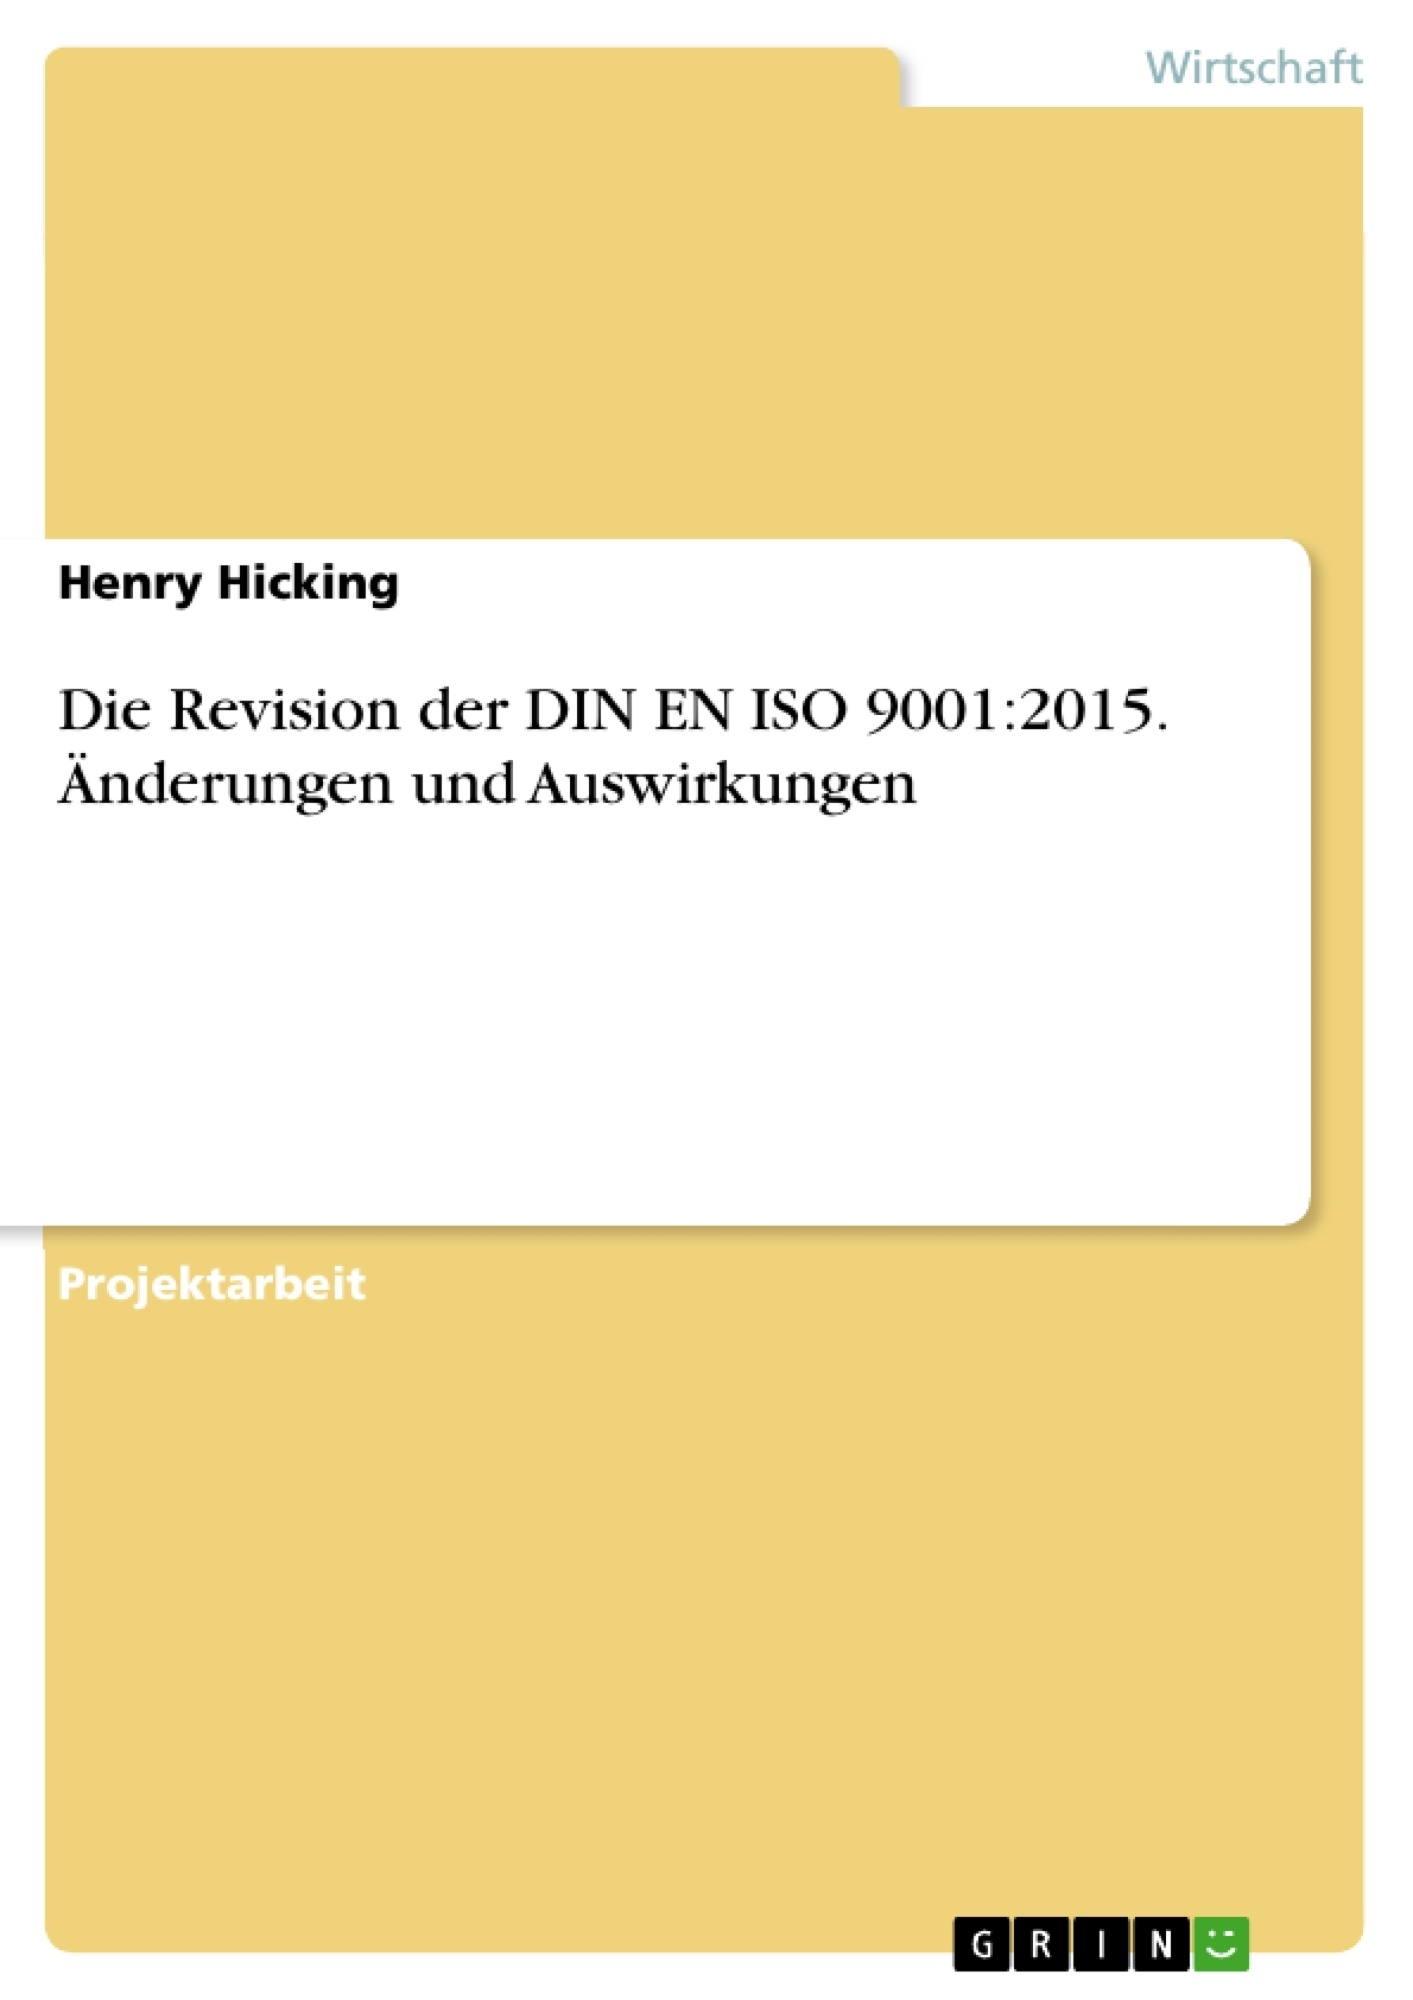 Titel: Die Revision der DIN EN ISO 9001:2015. Änderungen und Auswirkungen